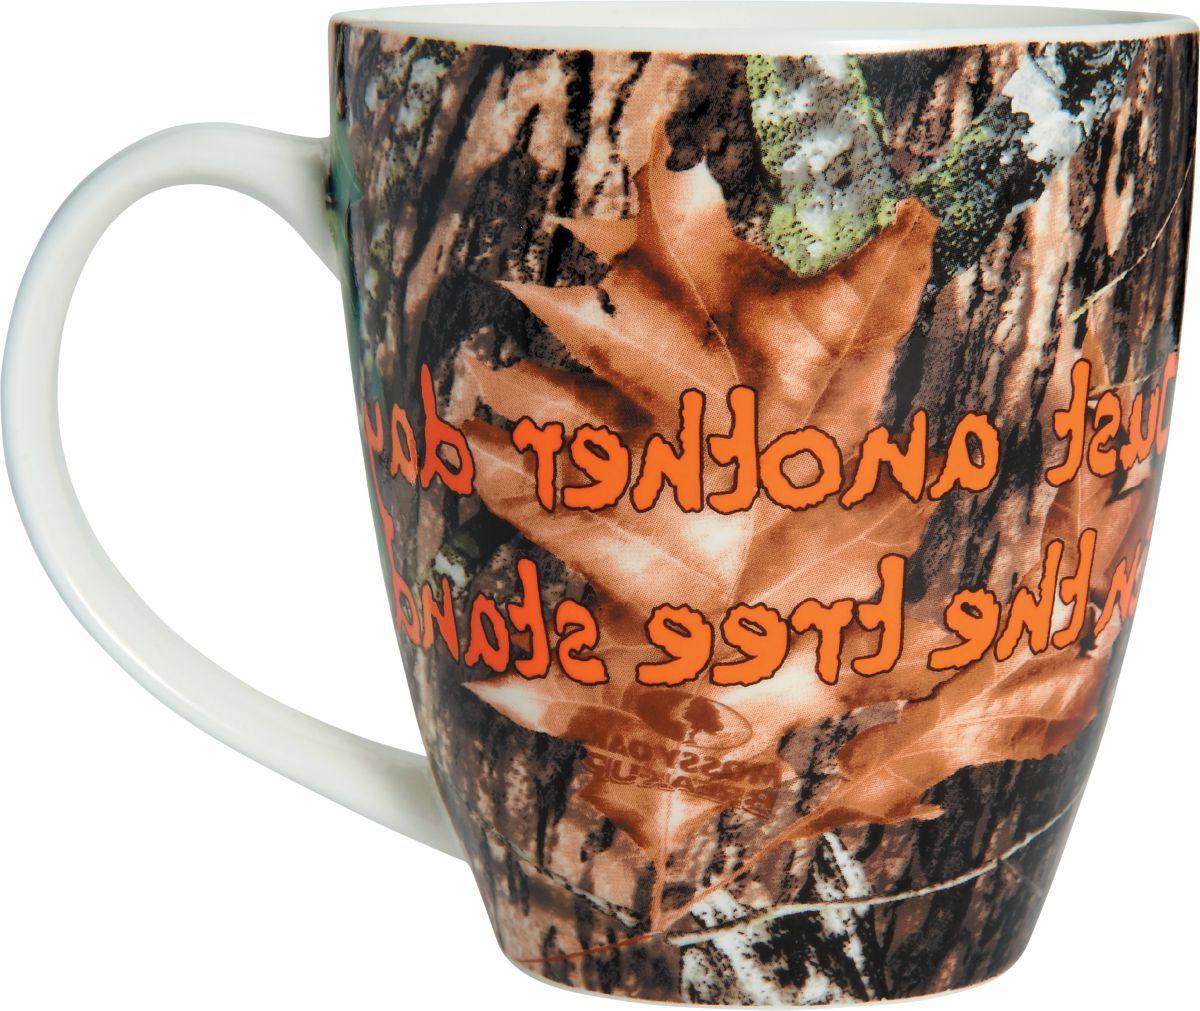 Mossy Oak® 20-oz Porcelain Mugs – Six-Pack